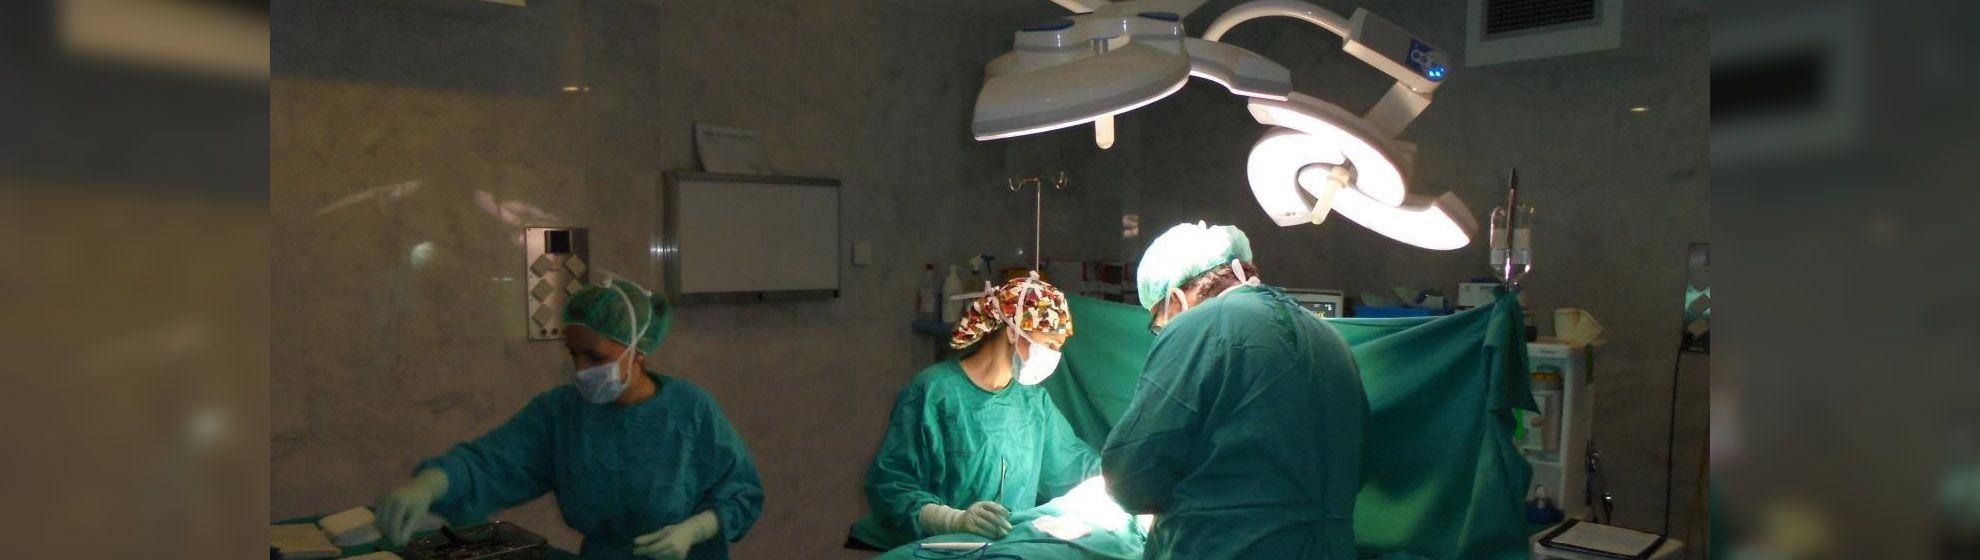 Contour Clinic